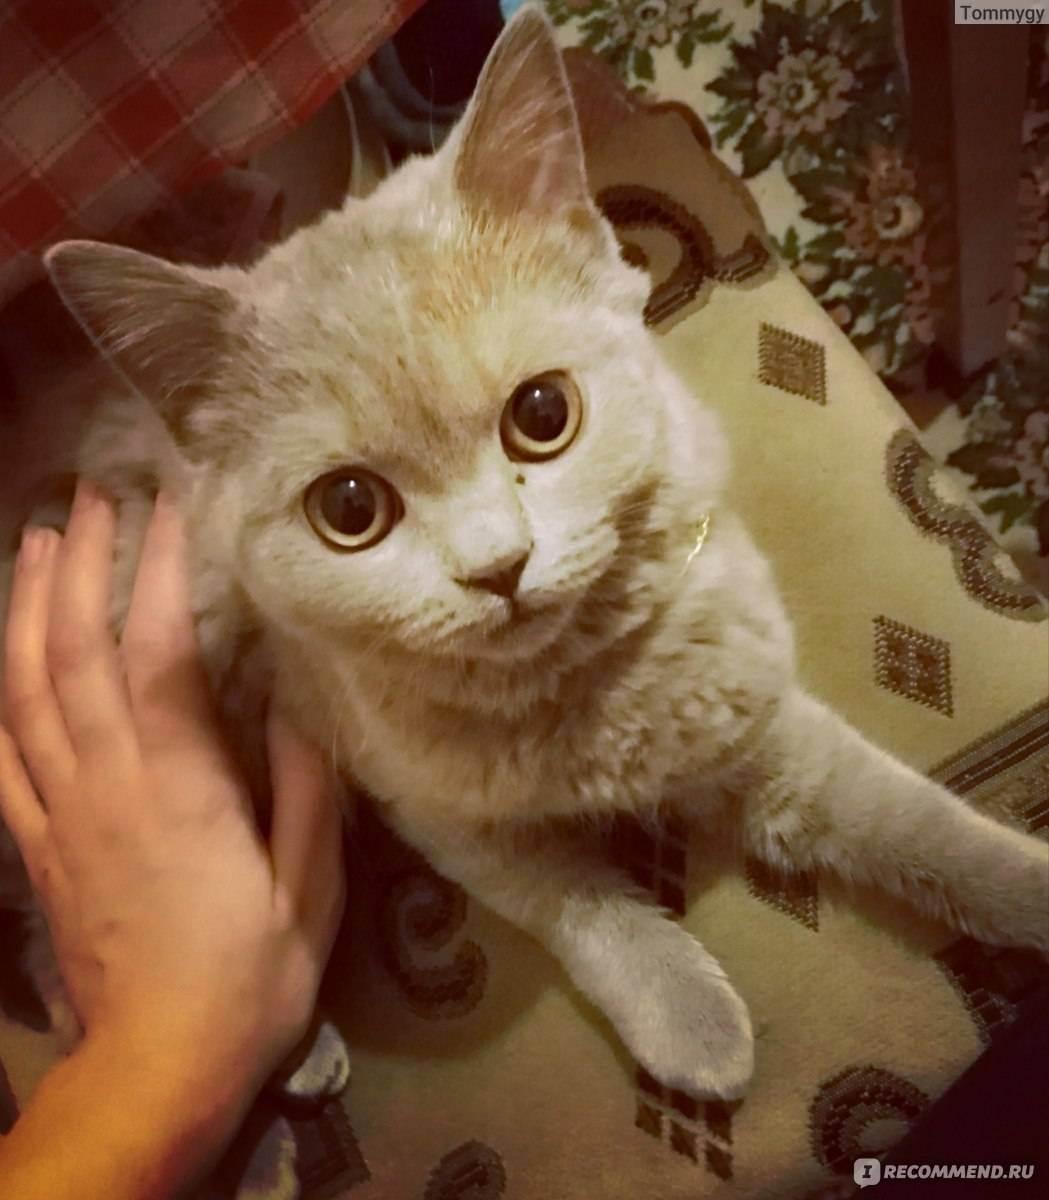 Скоттиш страйт: фото кошки, цены котят, описание породы, характер, отзывы, содержание и уход, питание + интересные факты